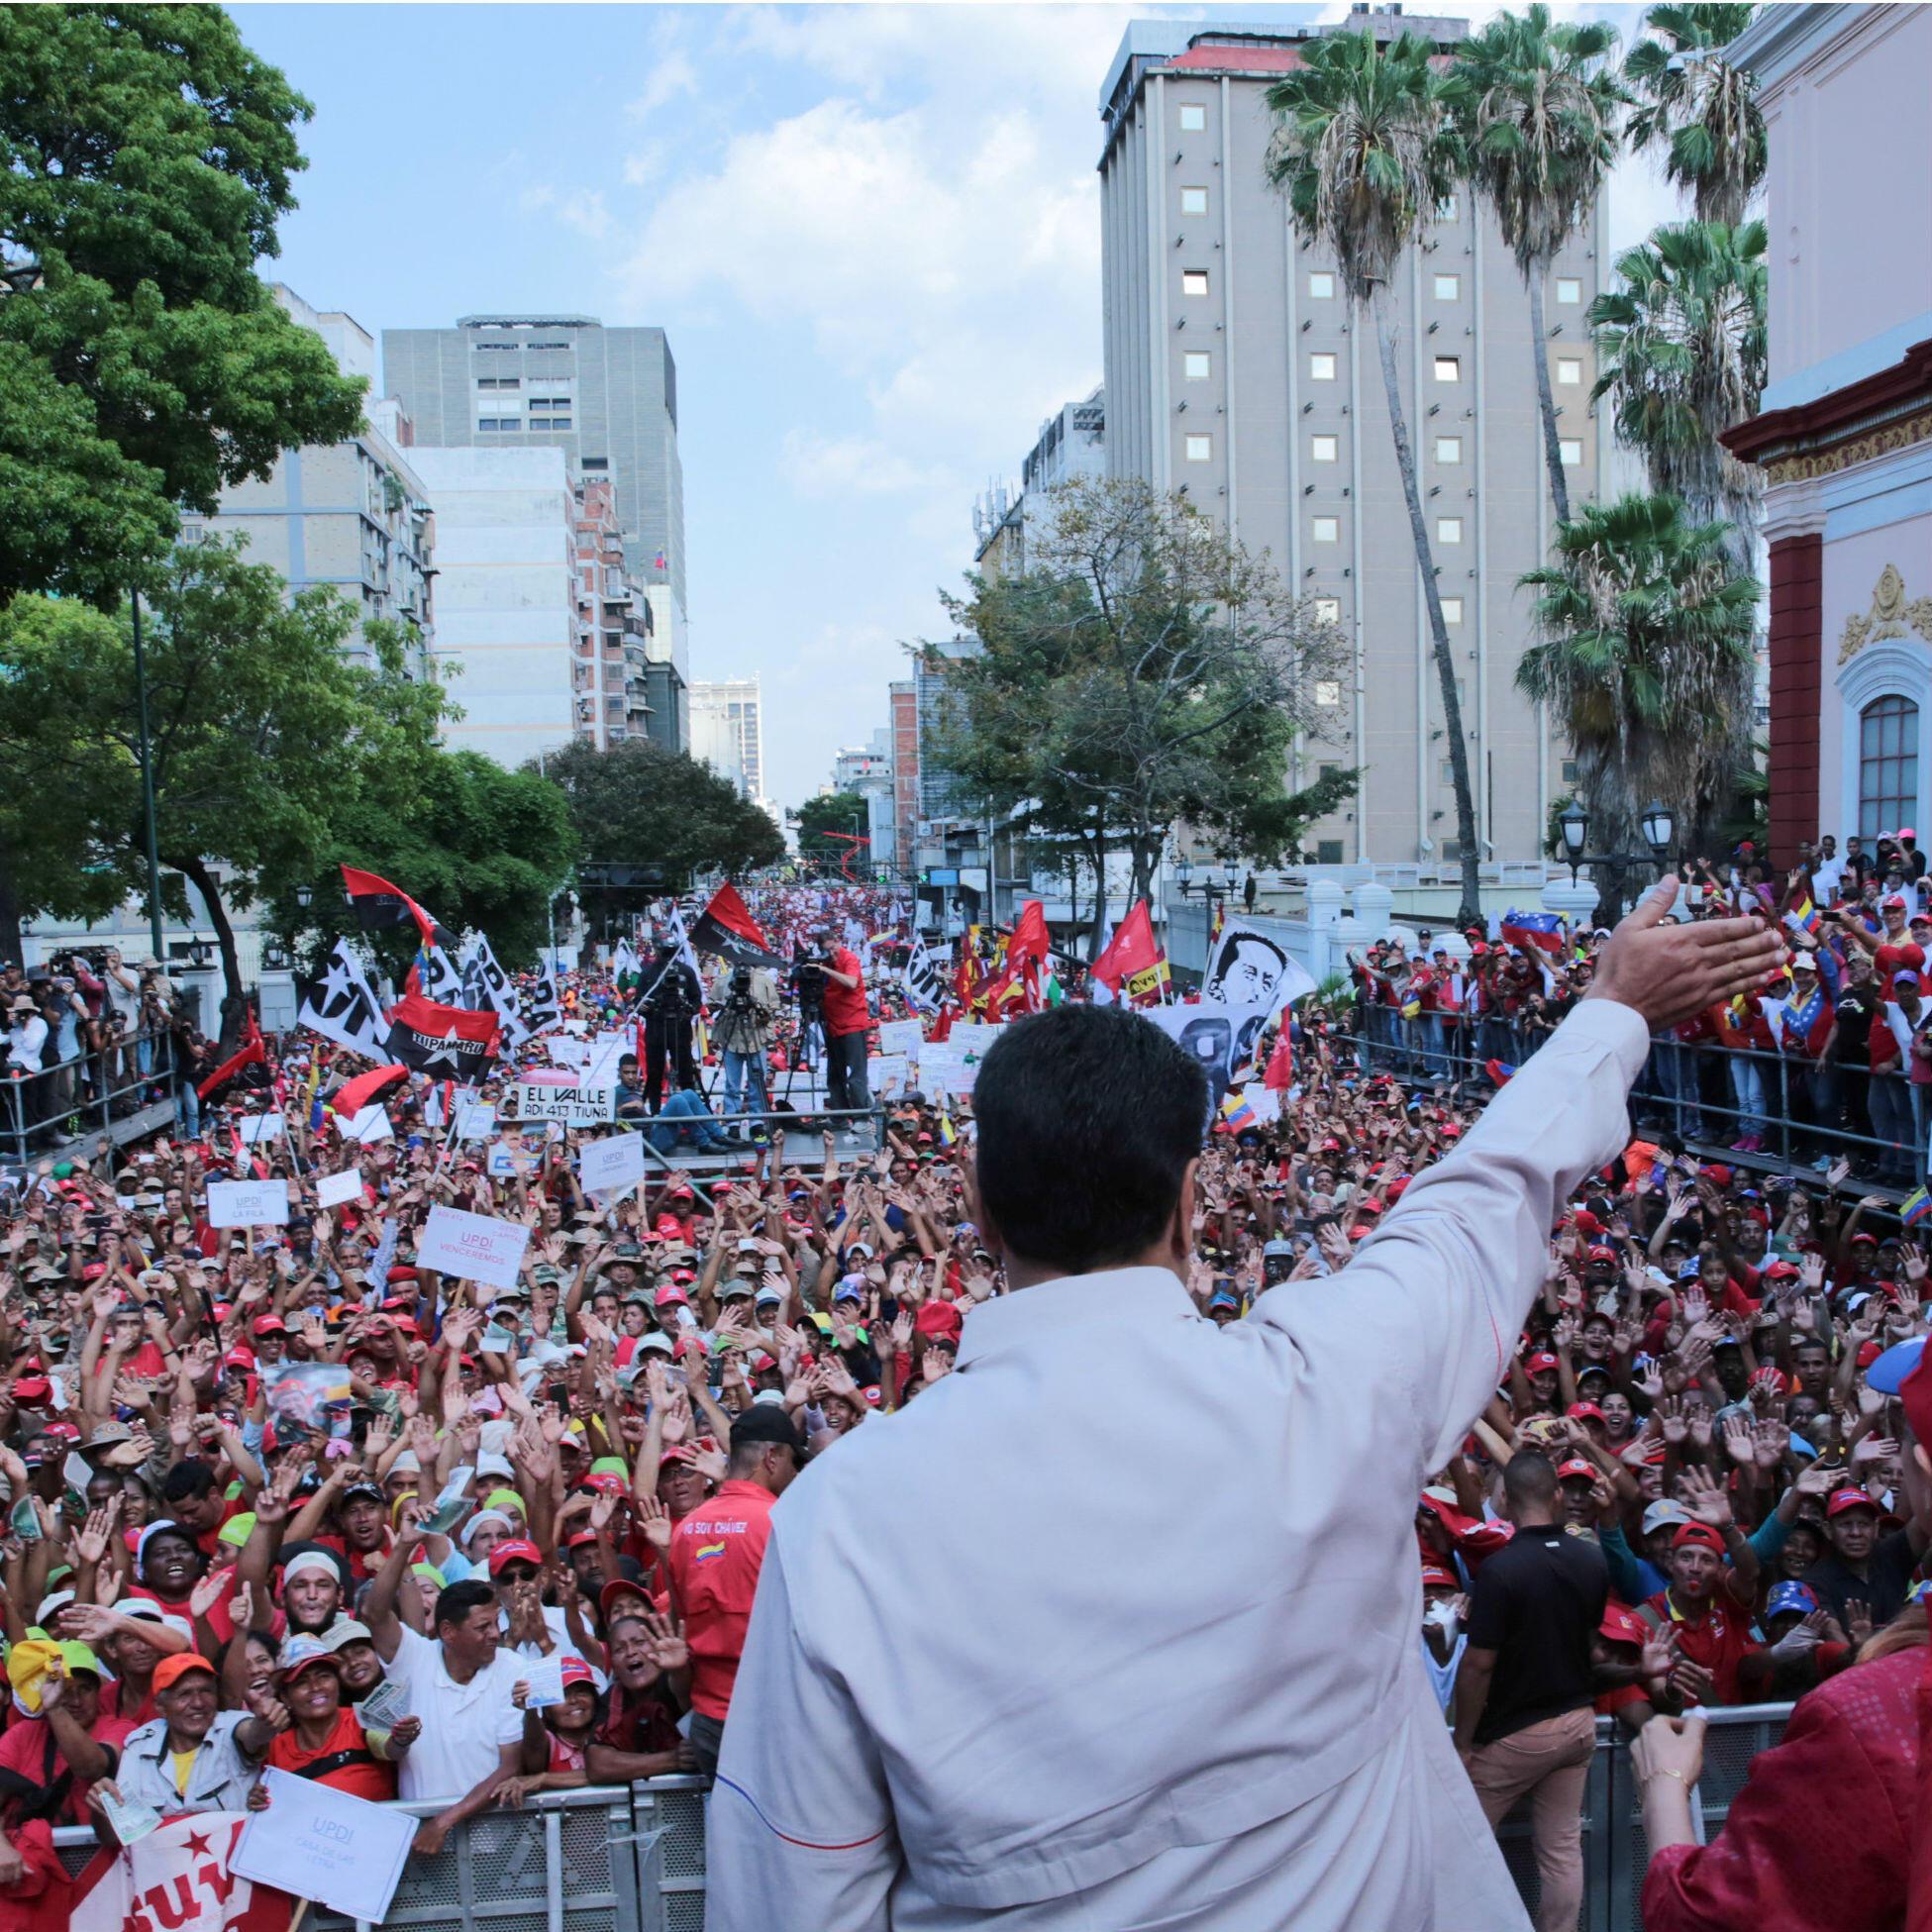 El presidente Nicolás Maduro, saludando a sus simpatizantes durante un mitin en Caracas, Venezuela, el 6 de abril de 2019.